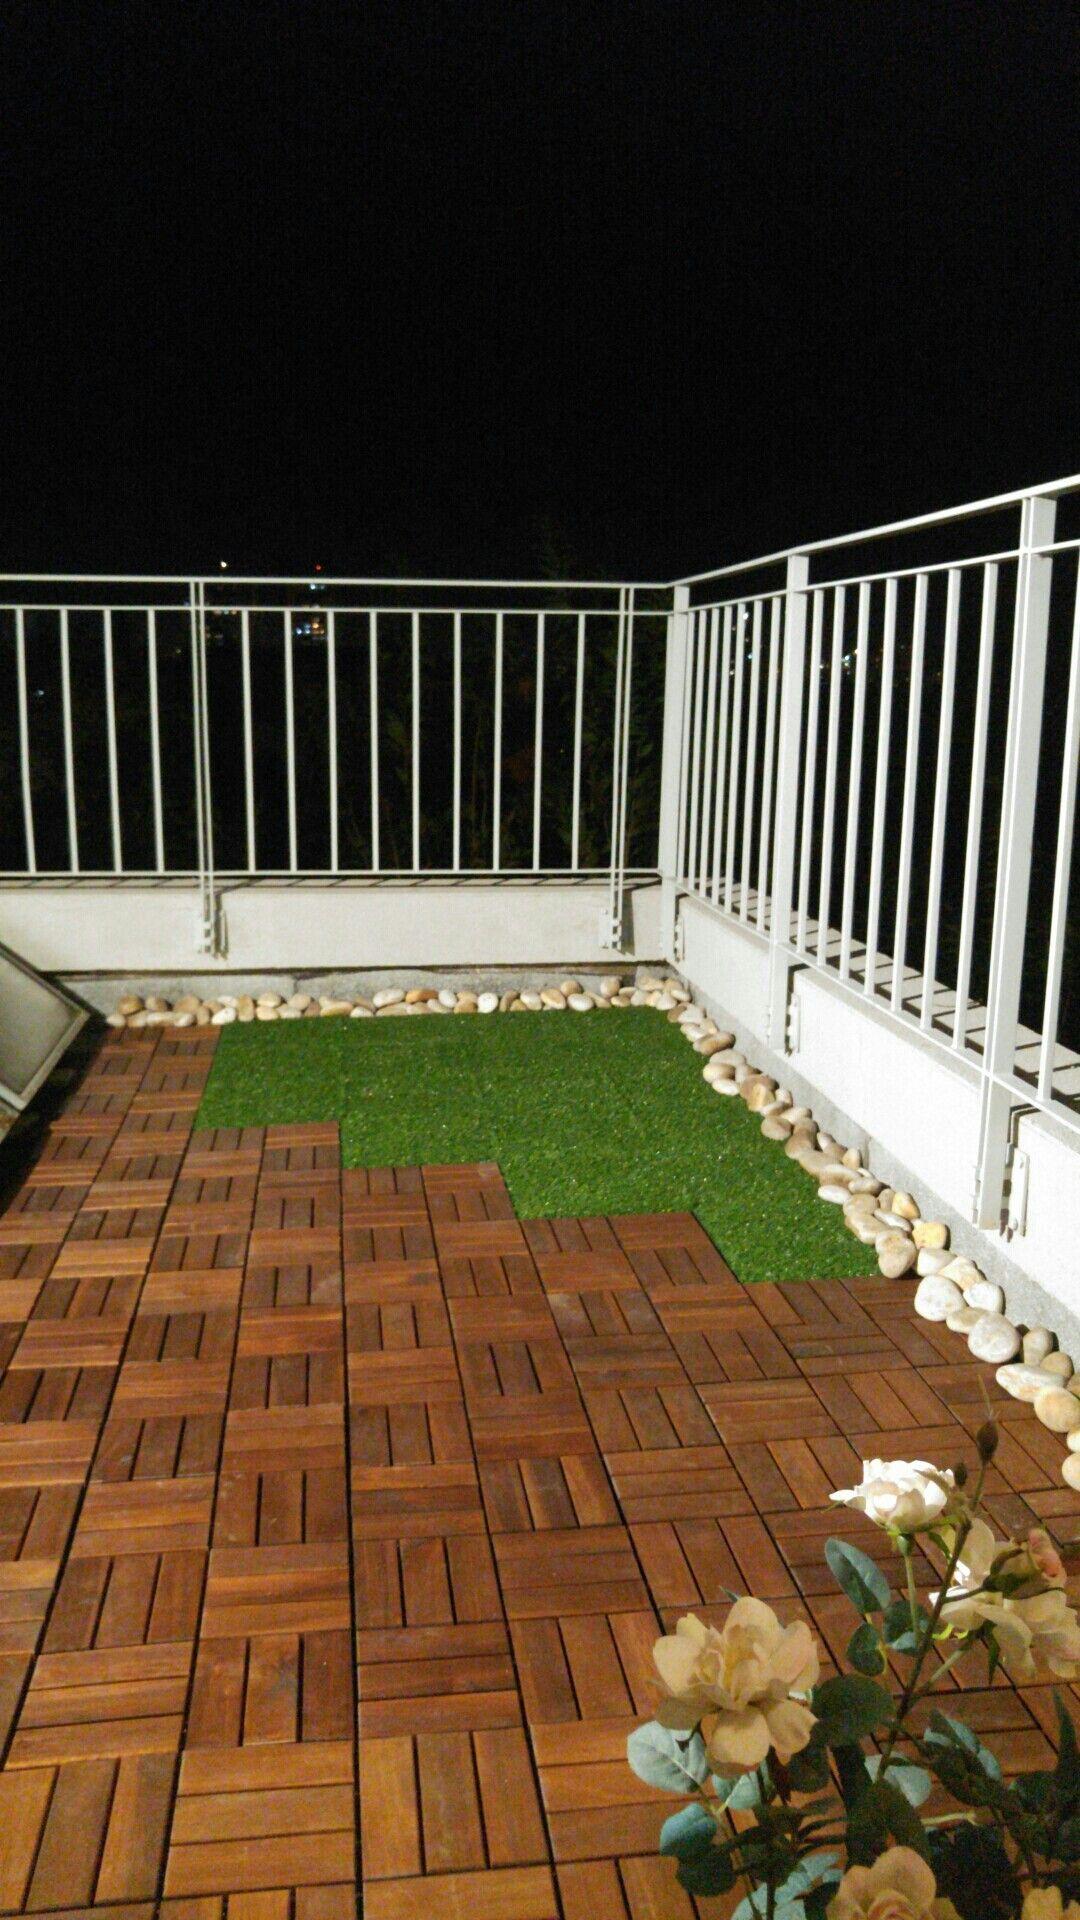 Ikea runnen grass and wood flooring Ikea outdoor, Ikea